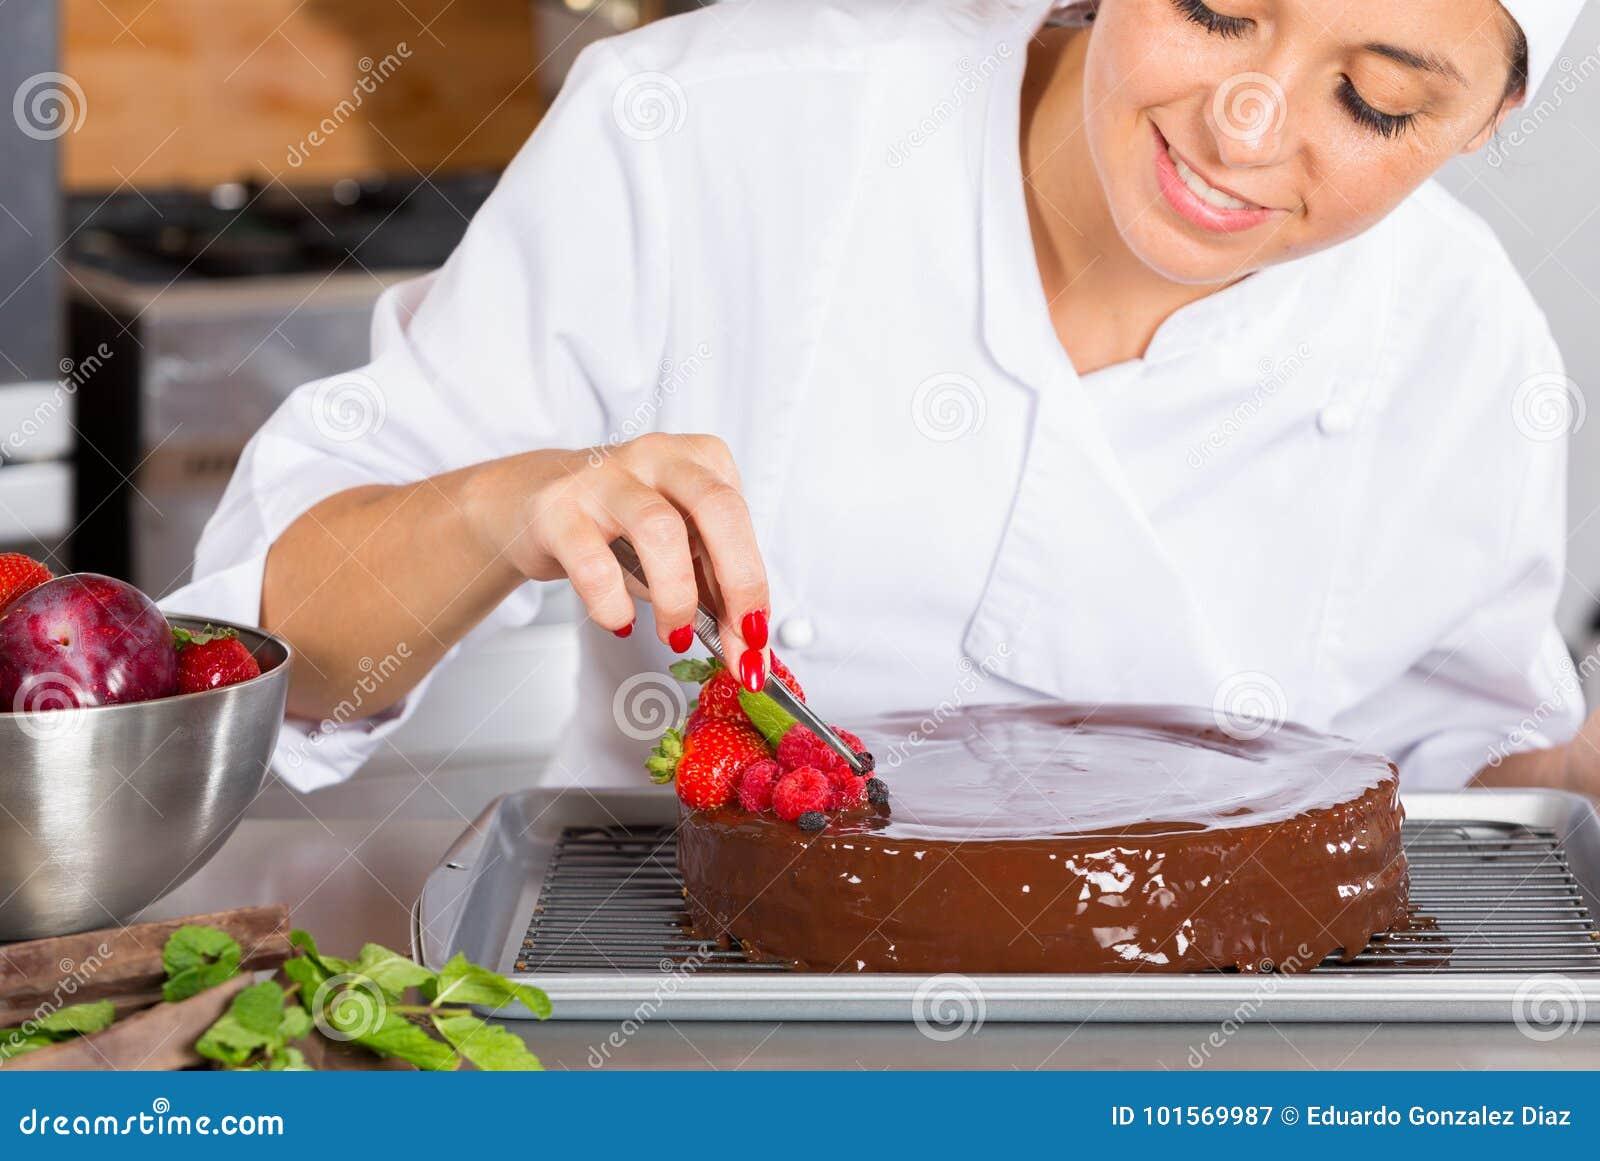 Ciasto szef kuchni w kuchni